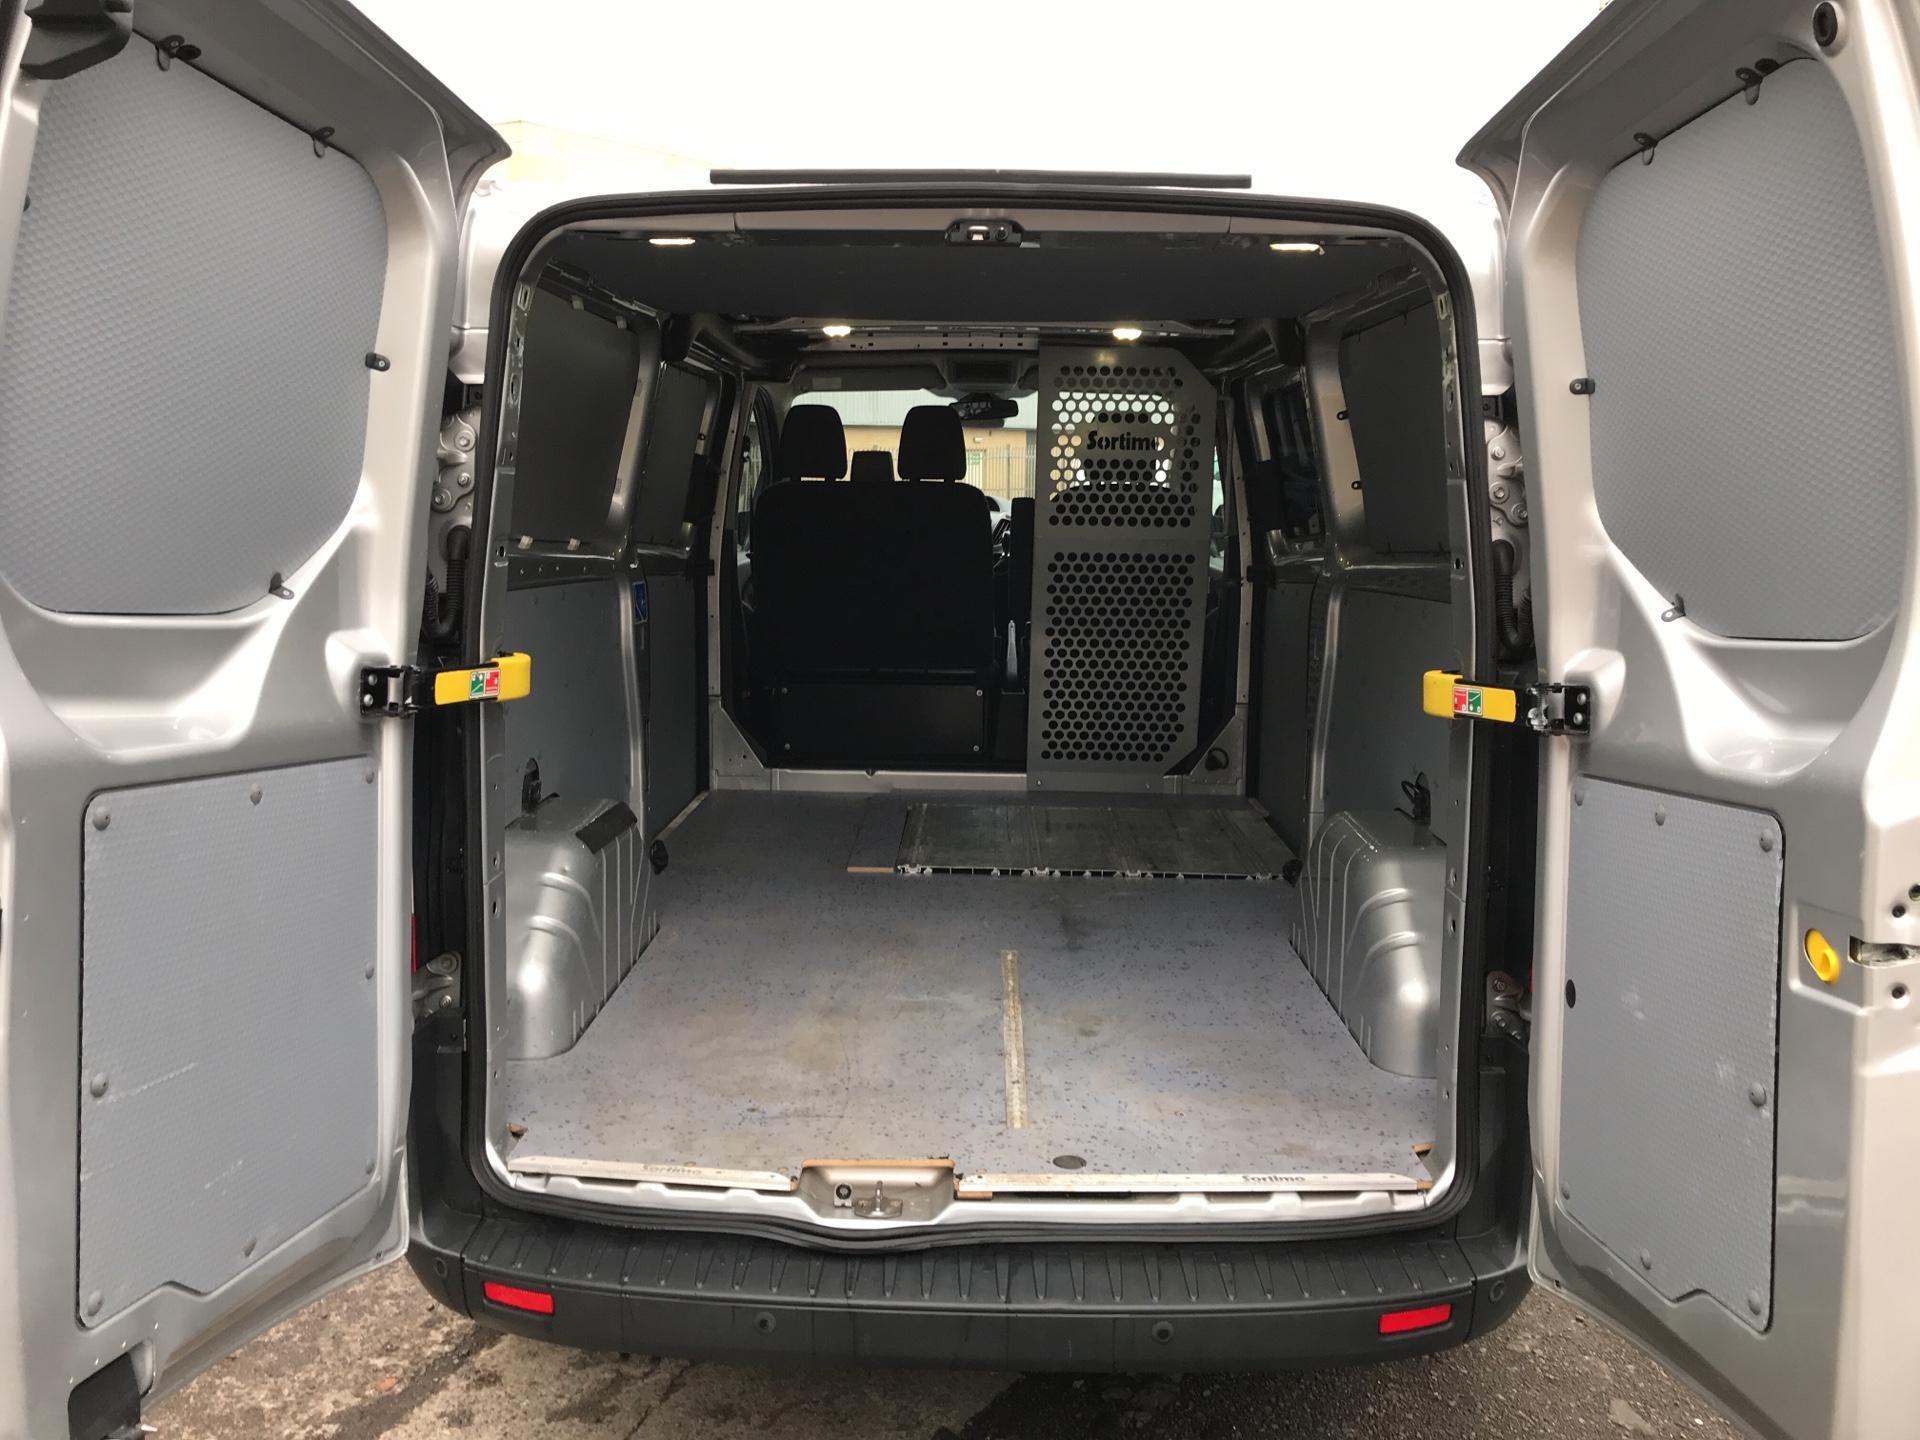 2014 Ford Transit Custom 330 L2 DIESEL FWD 2.2 TDCI 125PS LOW ROOF TREND VAN EURO 5 (YK64GDE) Image 15